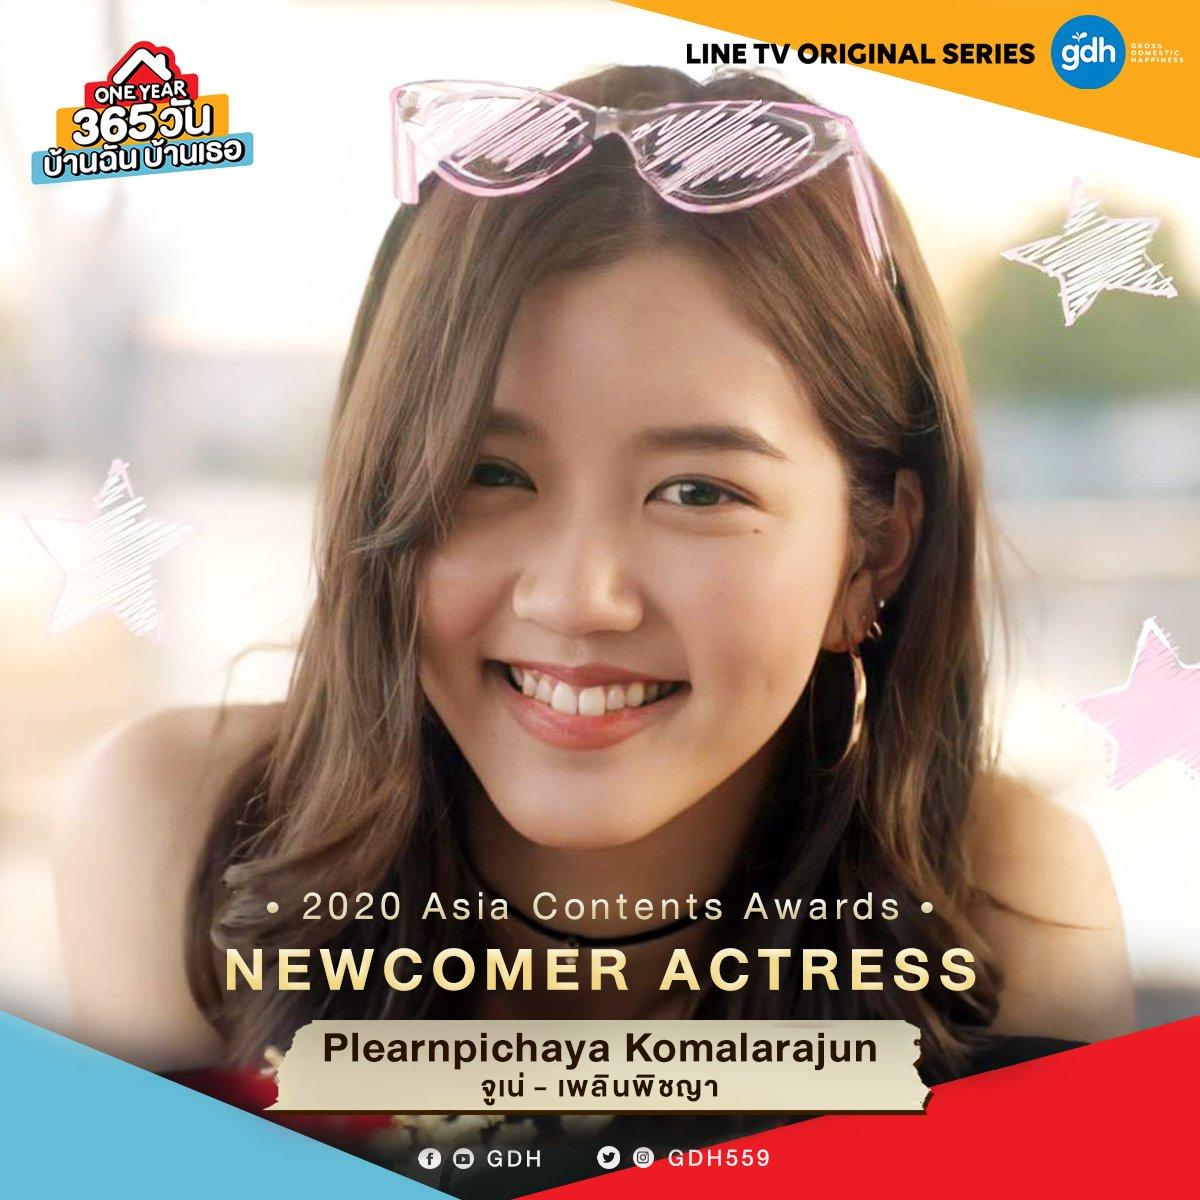 ปรบมือรัว ๆ จ้า 👏👏  ยินดีกับ 'จูเน่-เพลินพิชญา'  จากเรื่อง #OneYear365วันบ้านฉันบ้านเธอ  คว้ารางวัล Newcomer Actress  ในงาน 2nd Asia Contents Awards  เวทีประกาศรางวัลที่มอบให้แก่ผลงานทางโทรทัศน์ทั่วเอเชีย  #2ndAsiaContentsAwards #GDH #LINETVoriginal https://t.co/BEQQuiMMTY